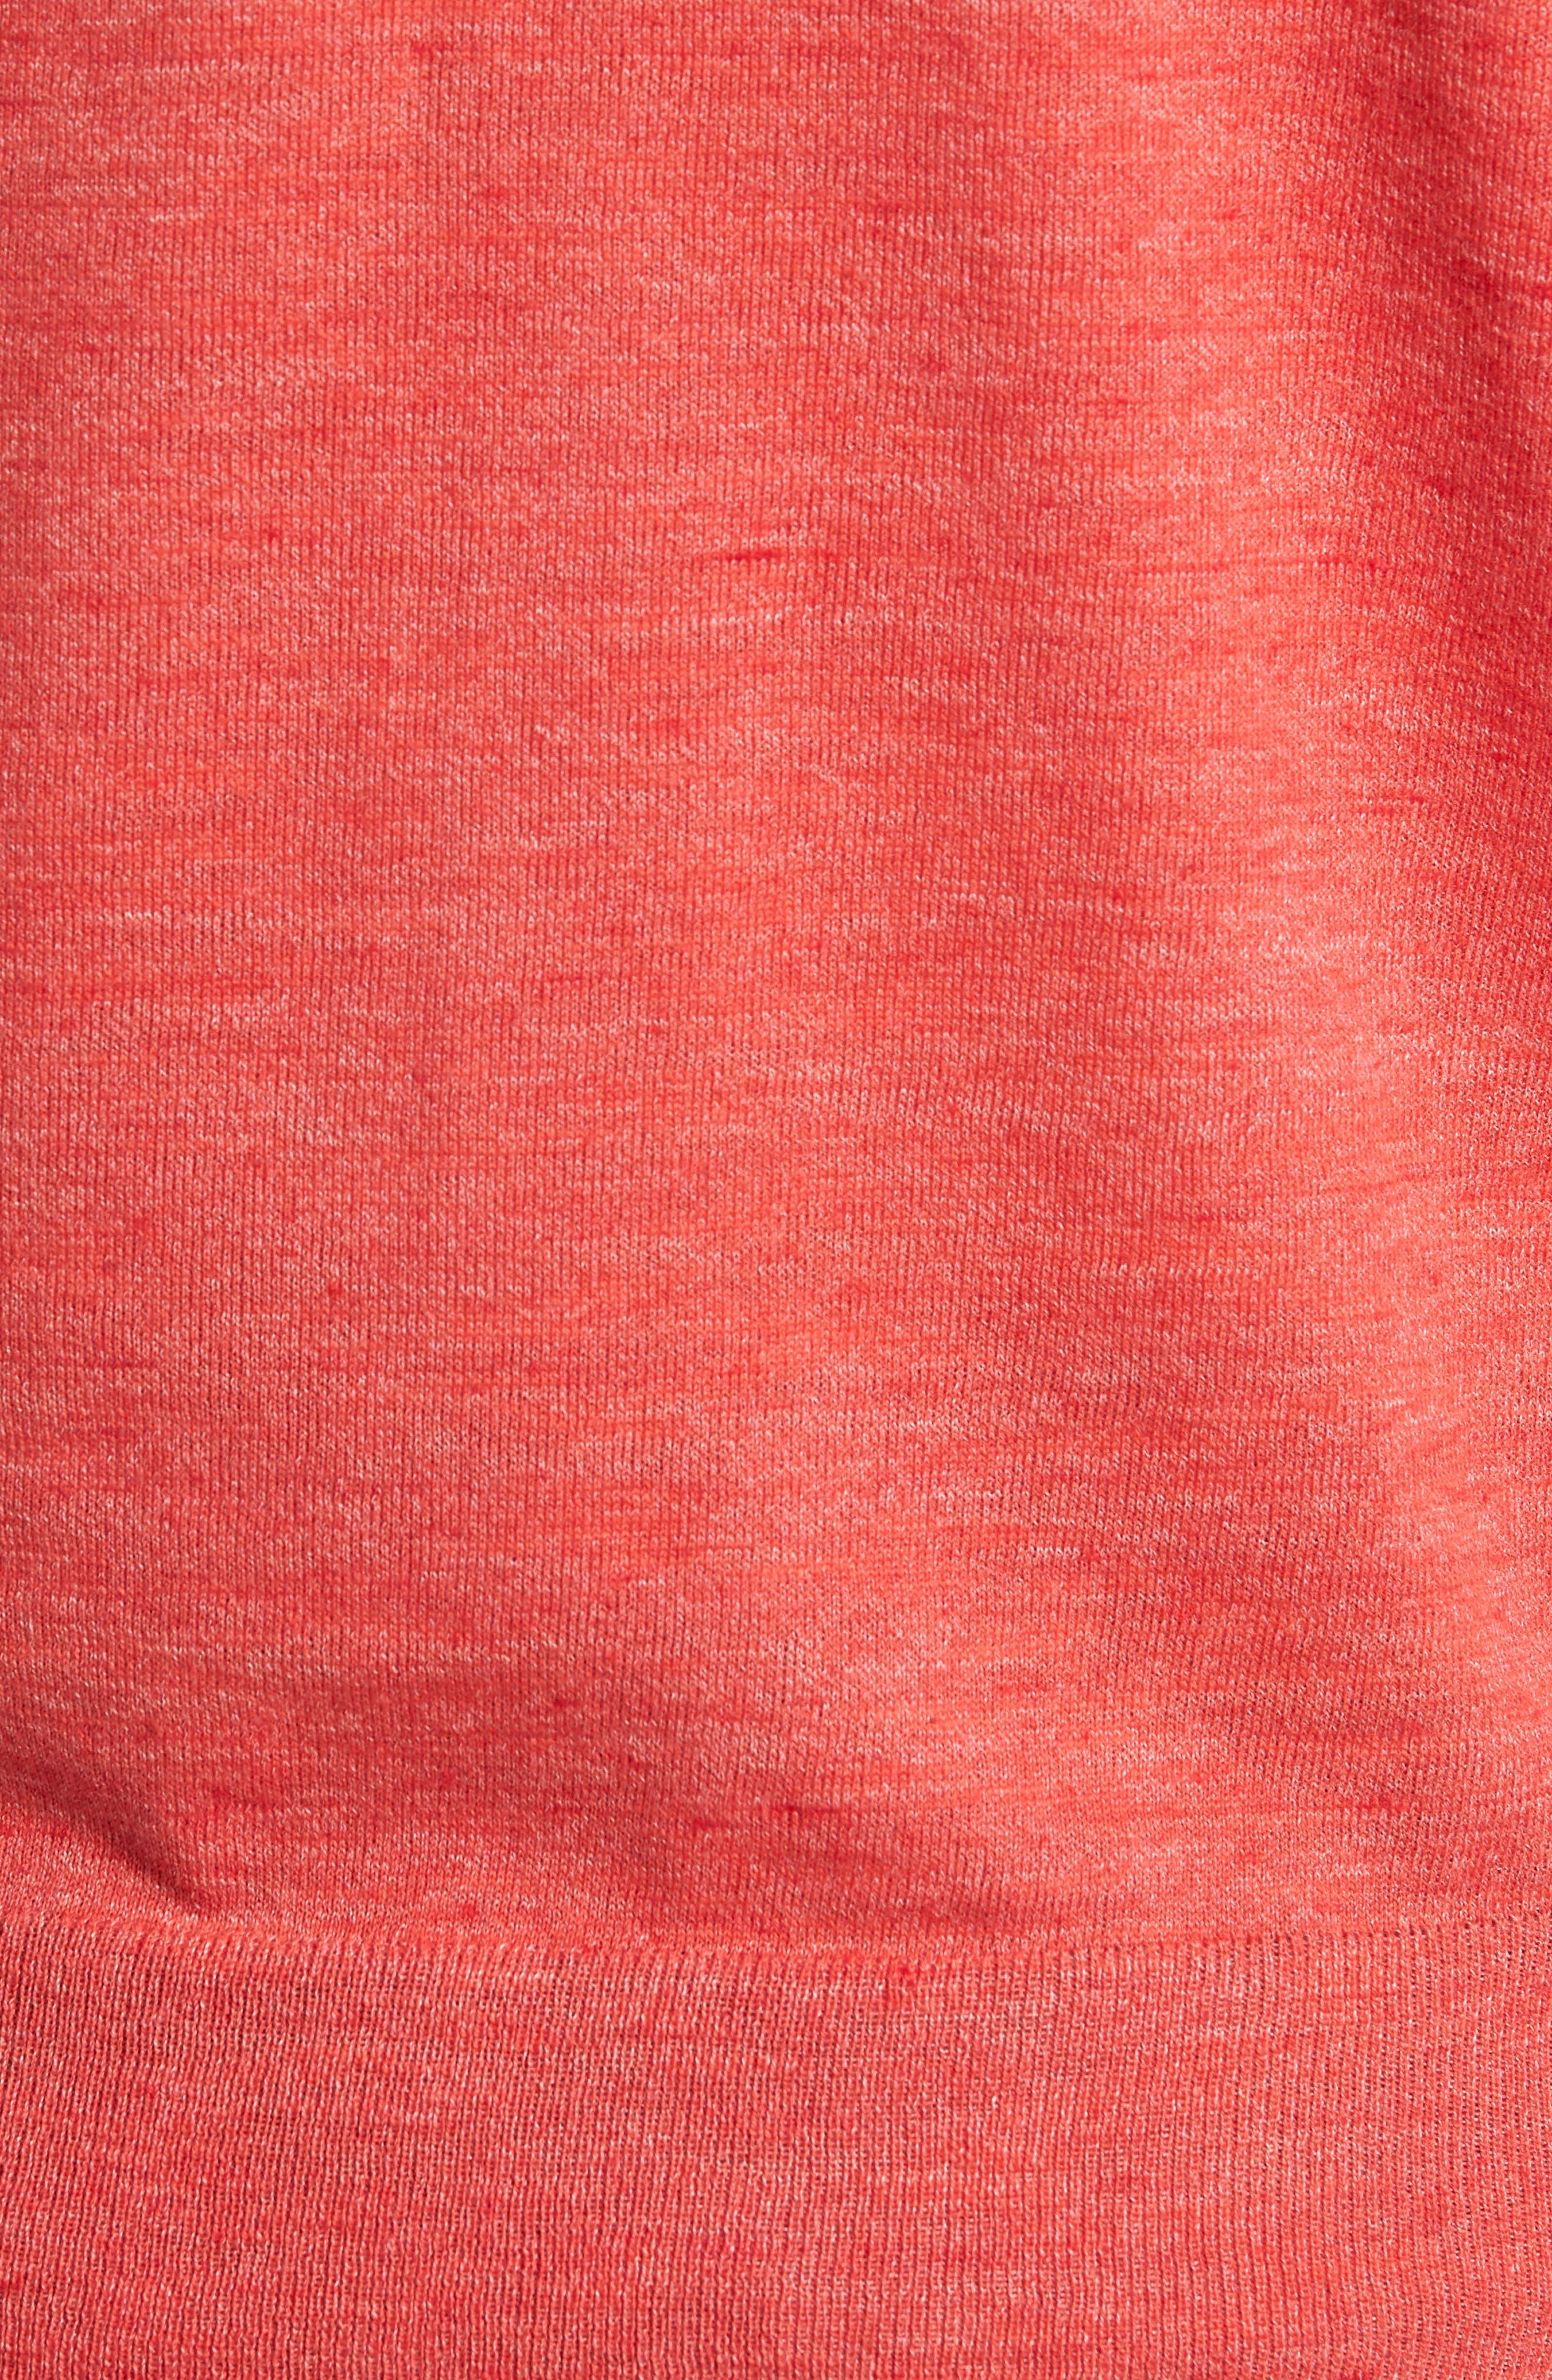 Cotton Blend Crewneck Sweater,                             Alternate thumbnail 20, color,